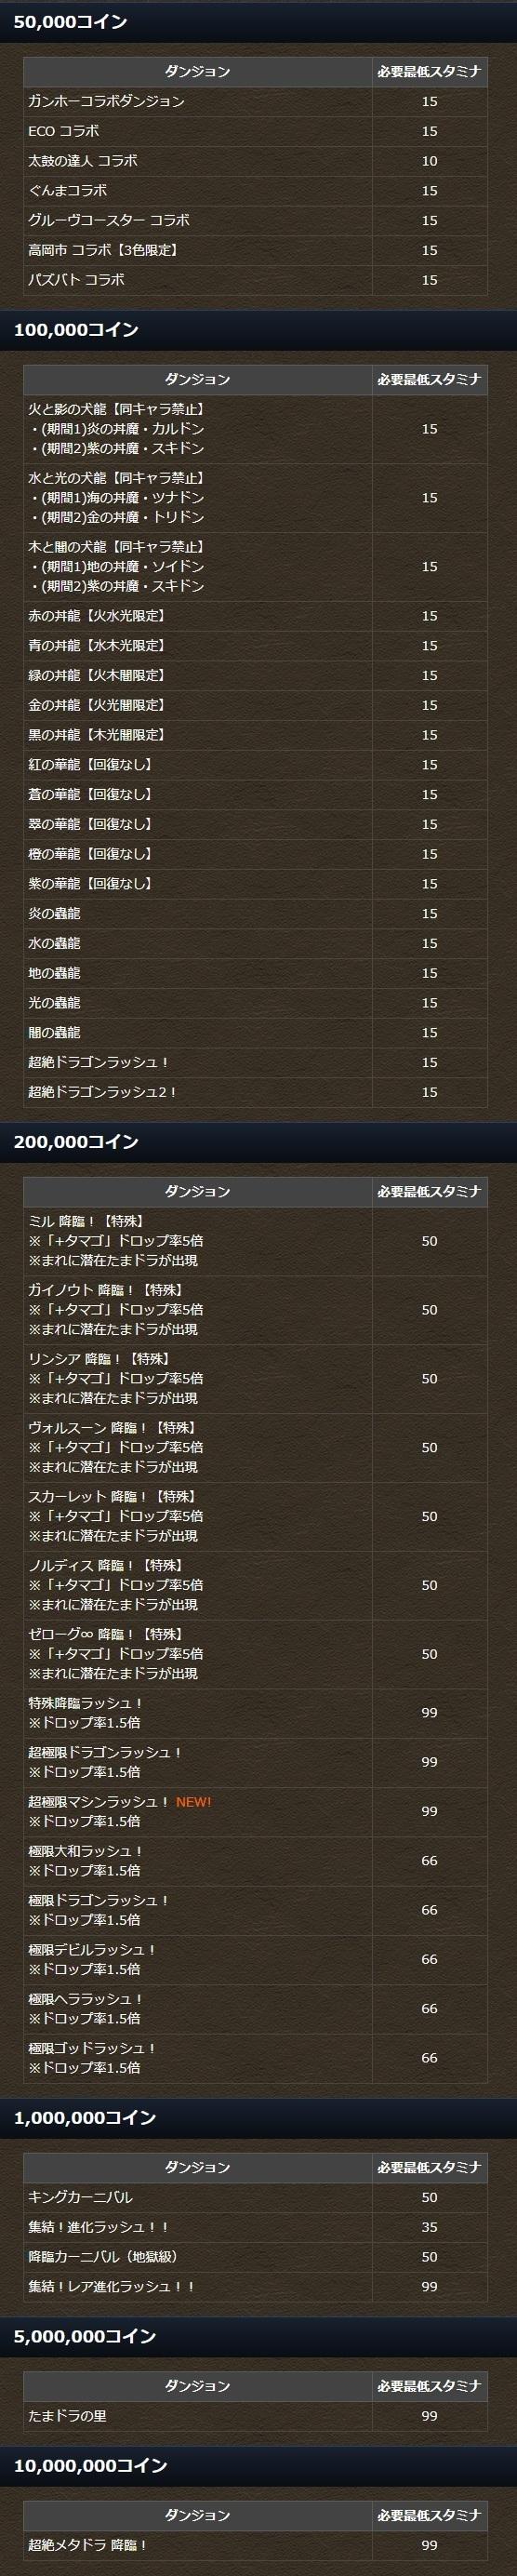 コインダンジョン8/1